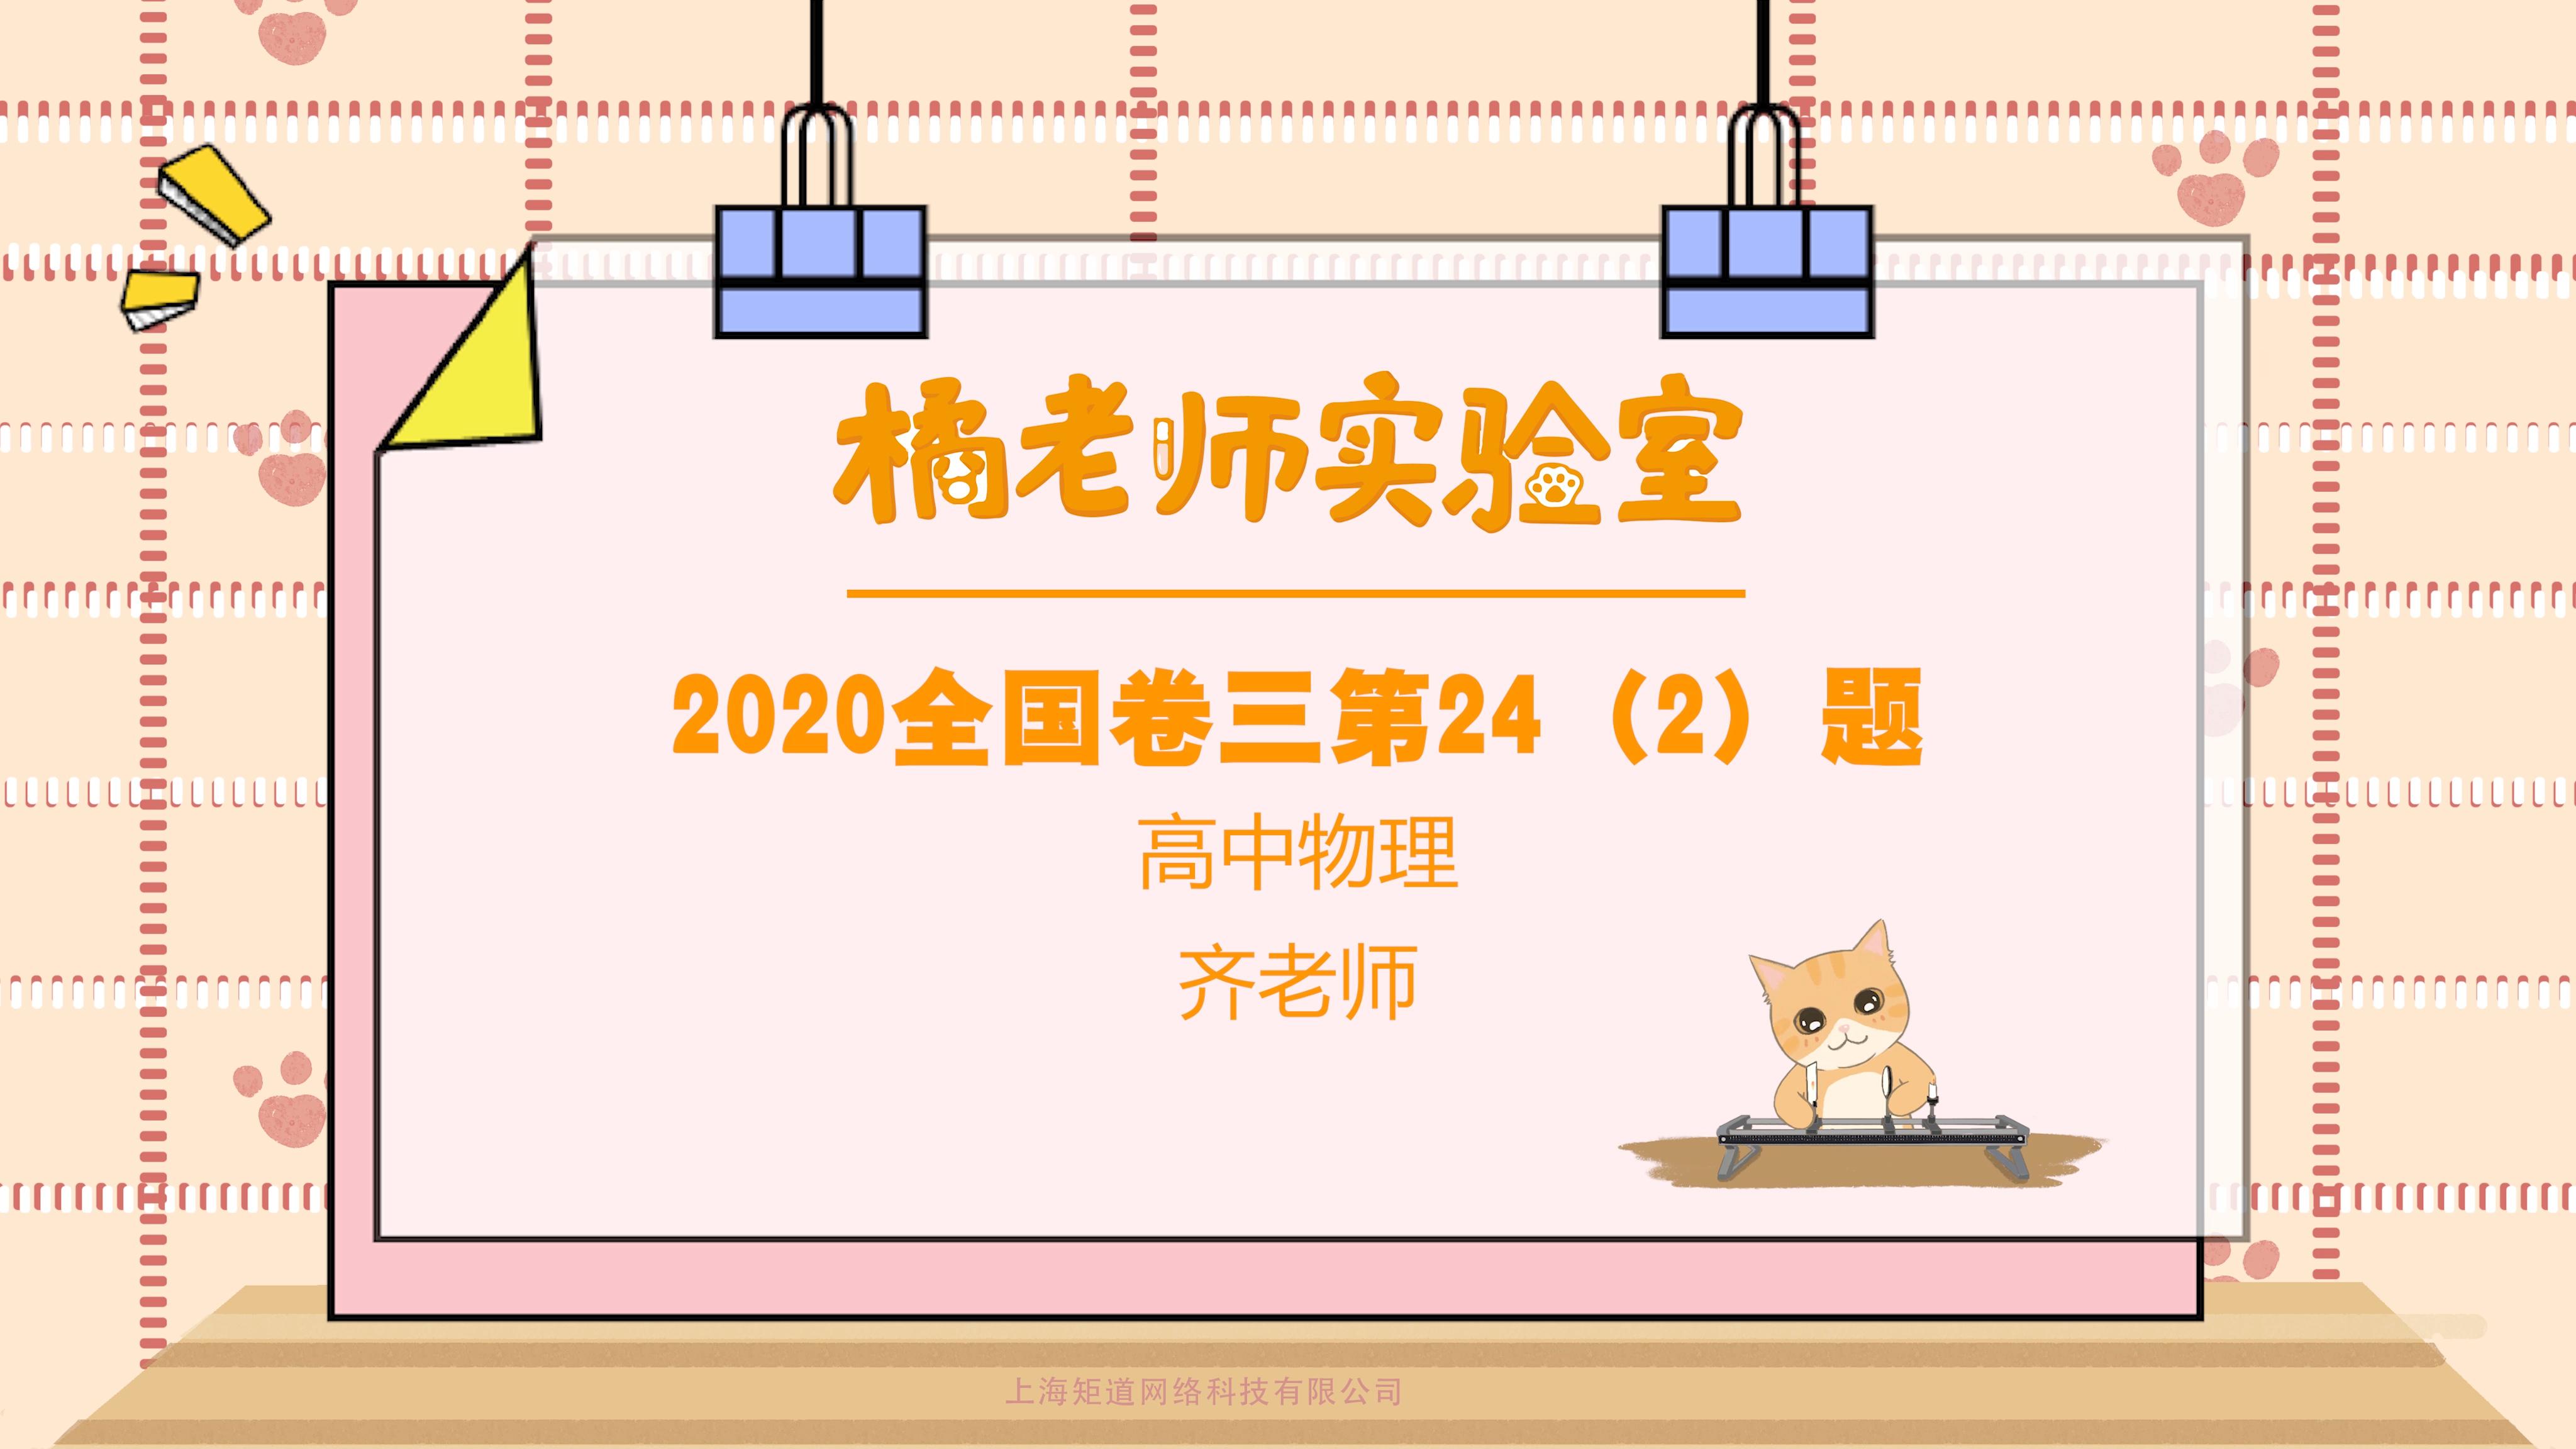 第二百二十六期:《2020全国卷三第24(2)题》